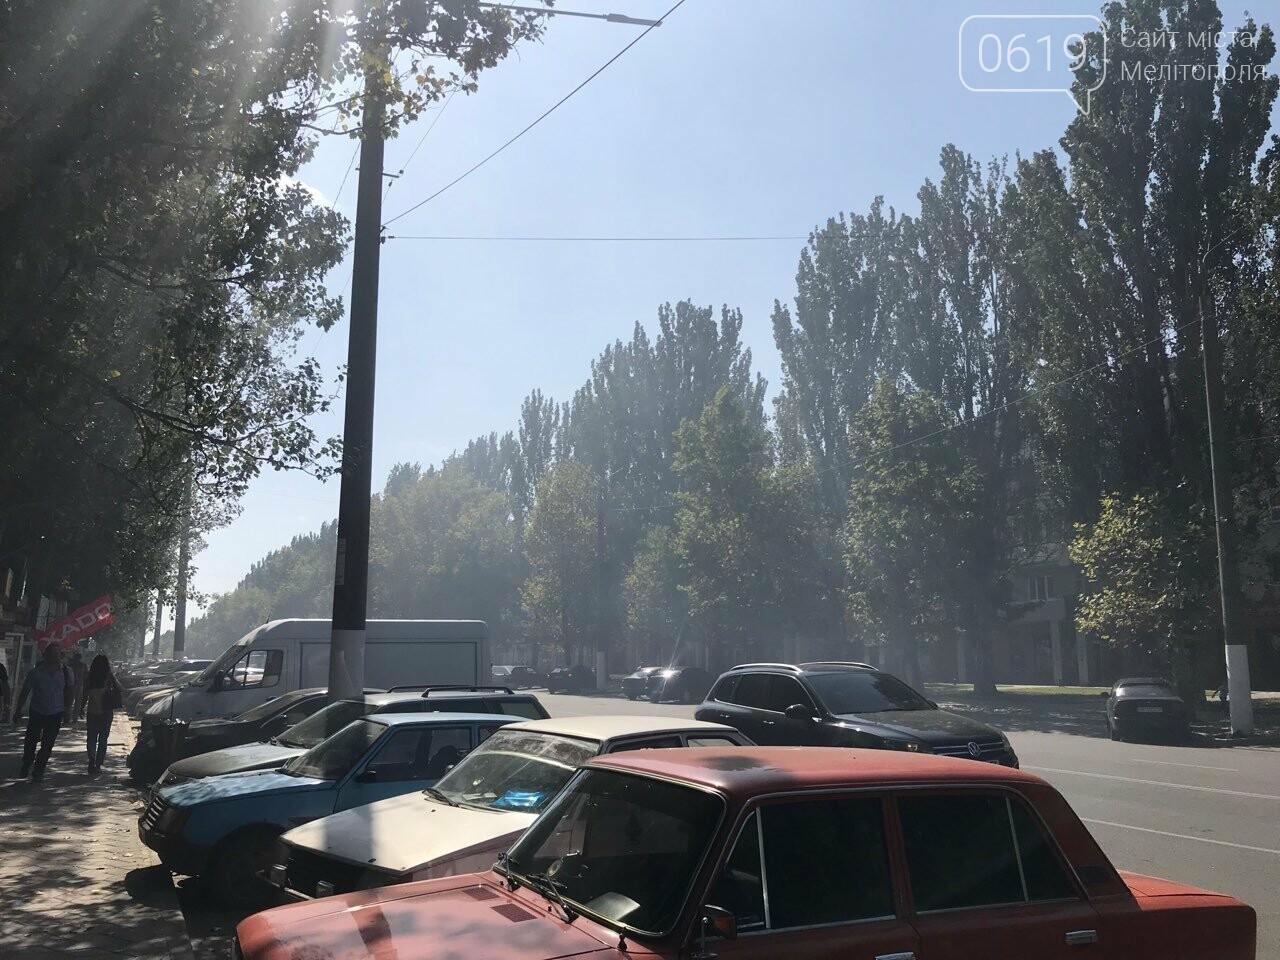 Микрорайон в дыму: в Мелитополе тушат масштабный пожар , фото-3